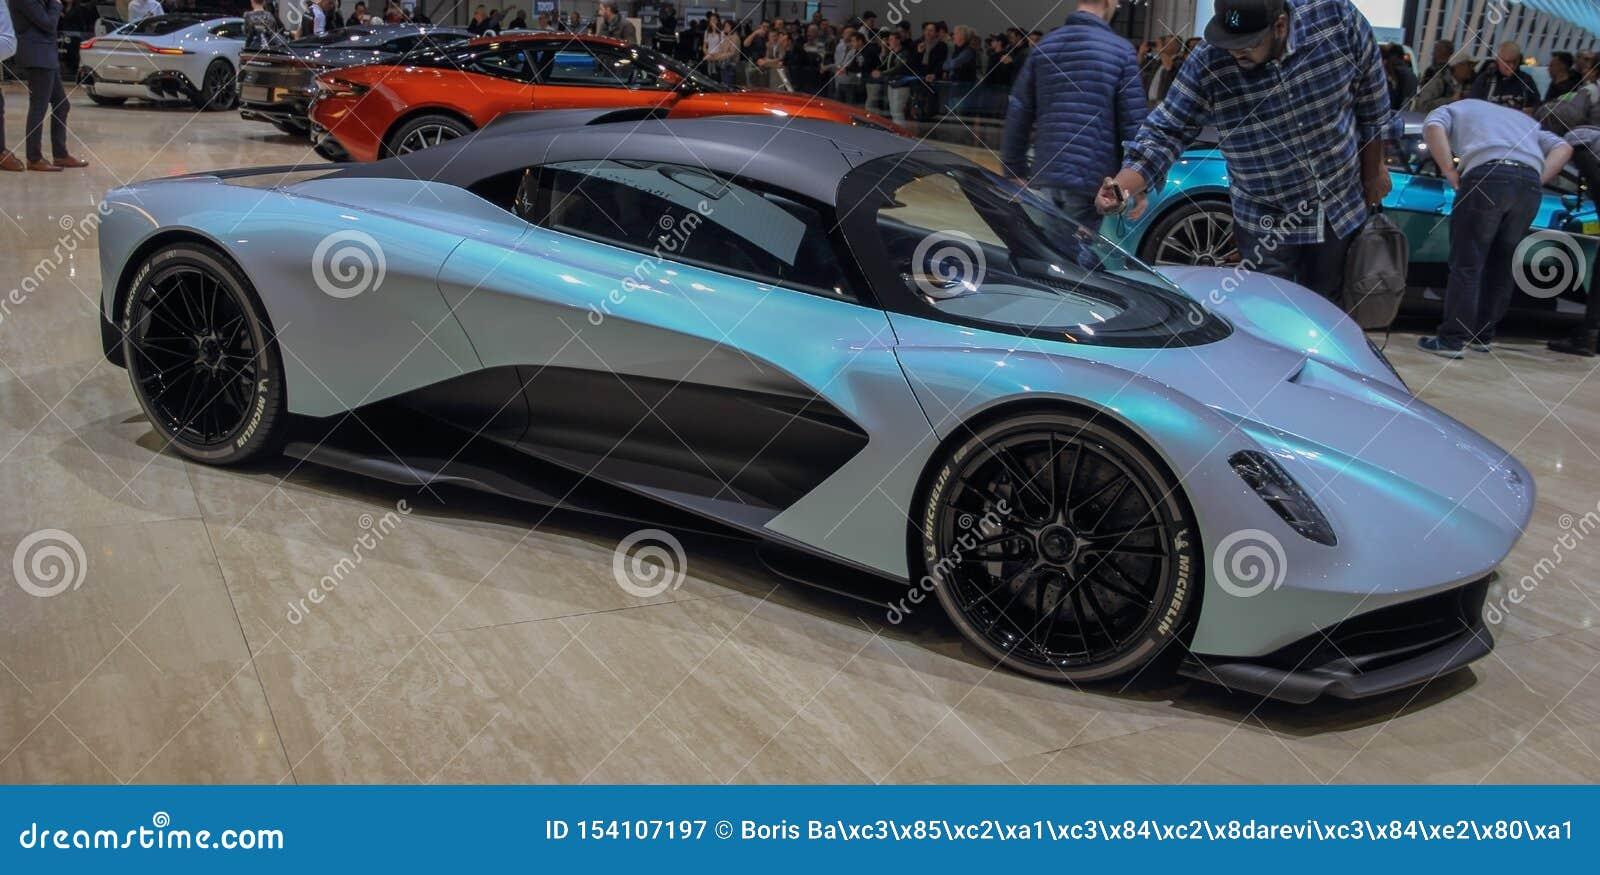 Ελβετία  Γενεύη  Στις 10 Μαρτίου 2019  Είμαι-rb 003 του Άστον Matrin  Η 89η διεθνής έκθεση αυτοκινήτου στη Γενεύη από 7ο σε 17ο τ